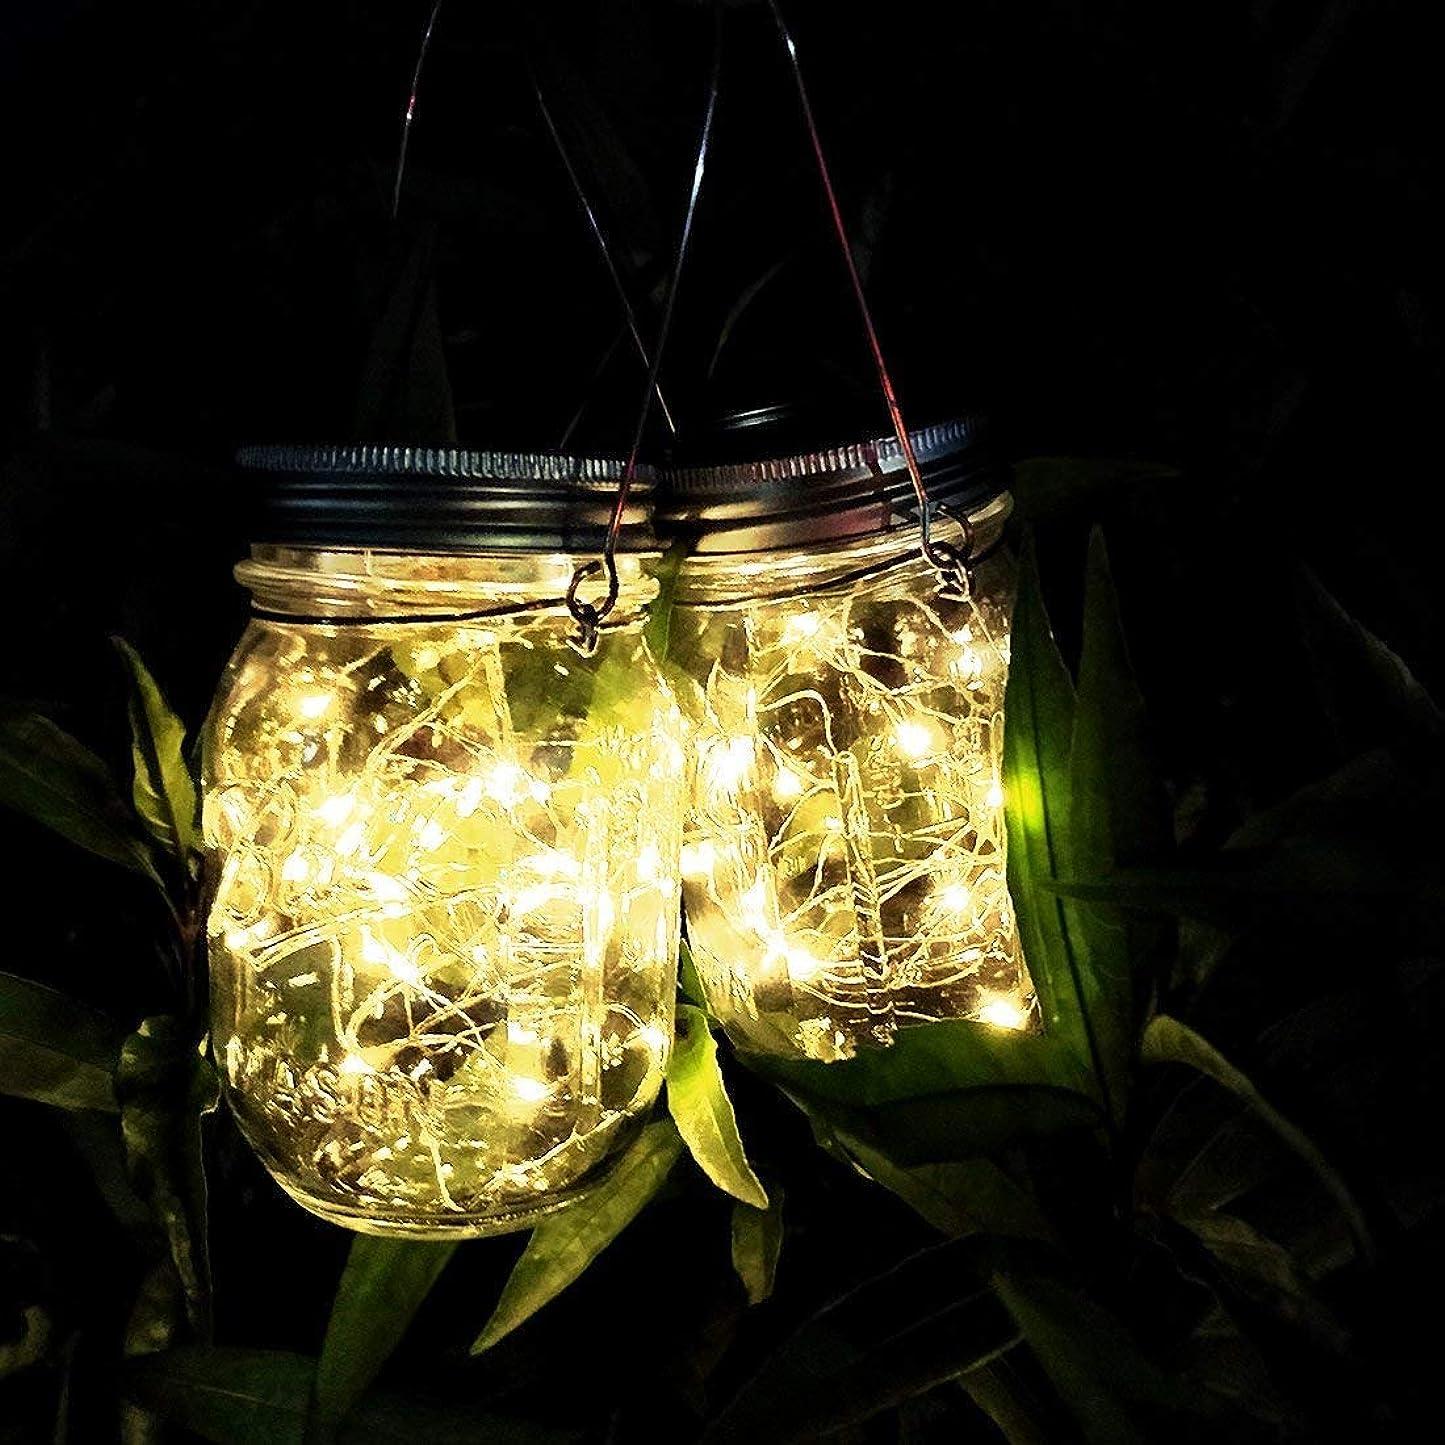 ウィンクペースト沈黙メイソンジャー風ソーラーライト 夜間自動点灯LEDガーデンライト 防水IP65 お庭や芝生をオシャレに演出 ガーデニングやアウトドアに最適 (暖色 2個セット)